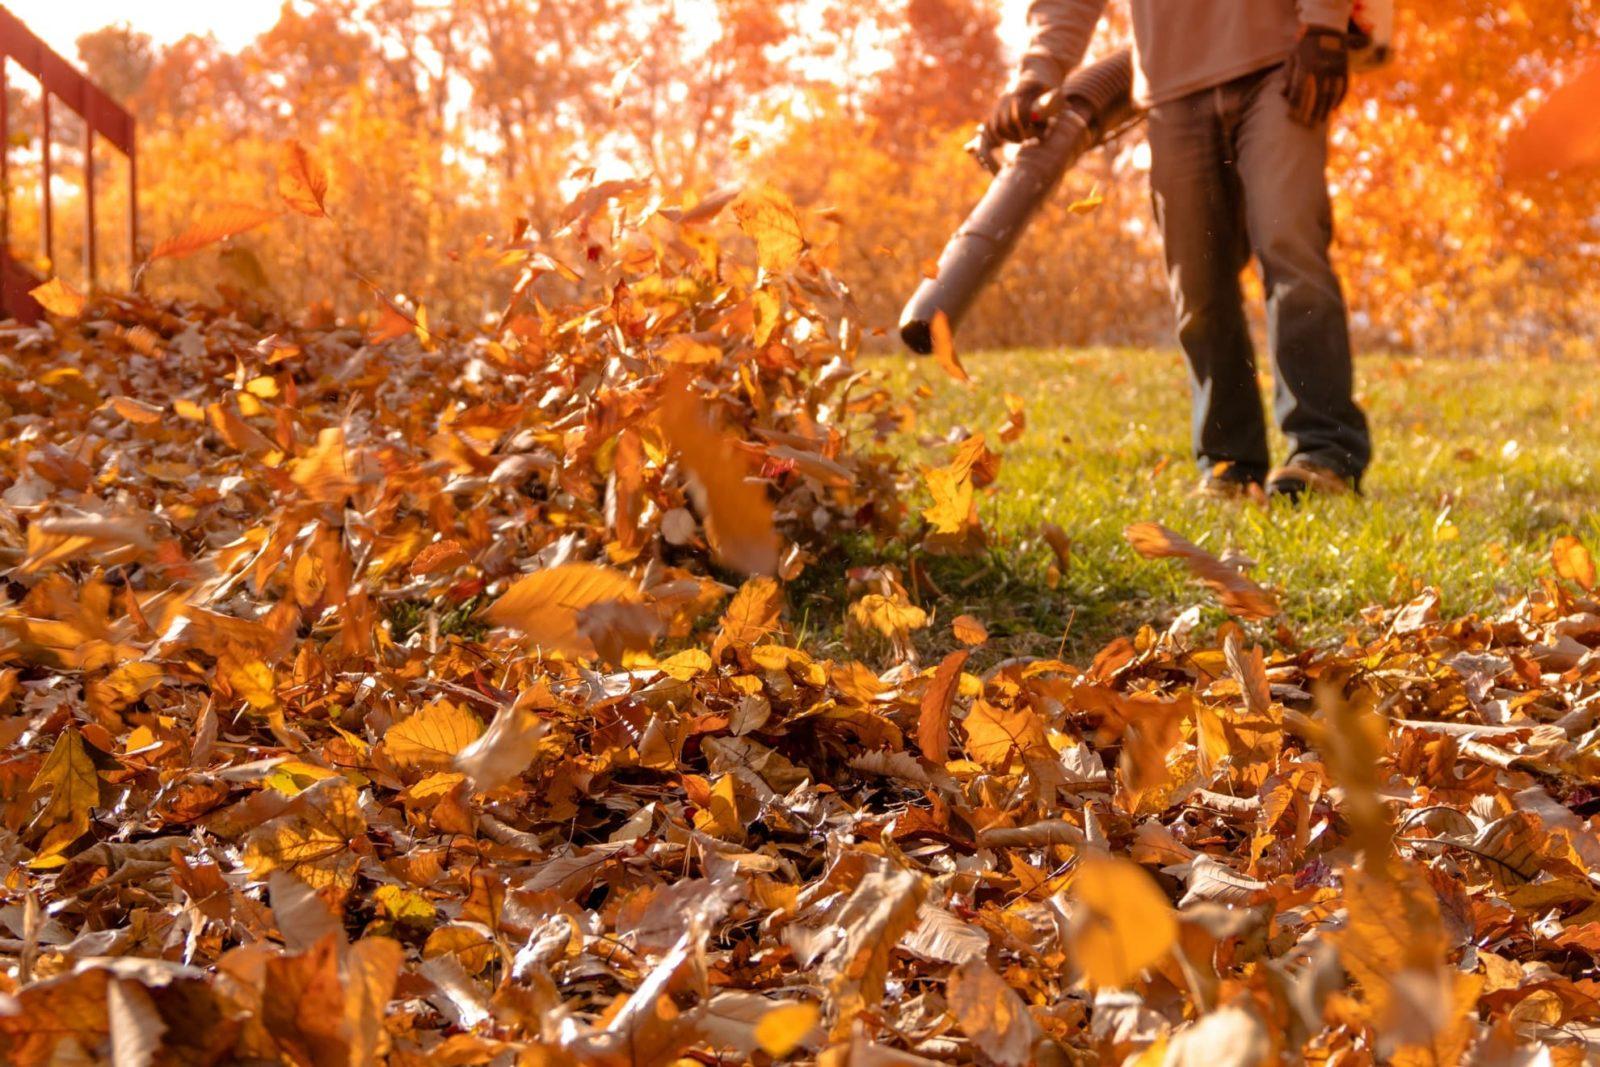 autumn leaves being blown around a garden